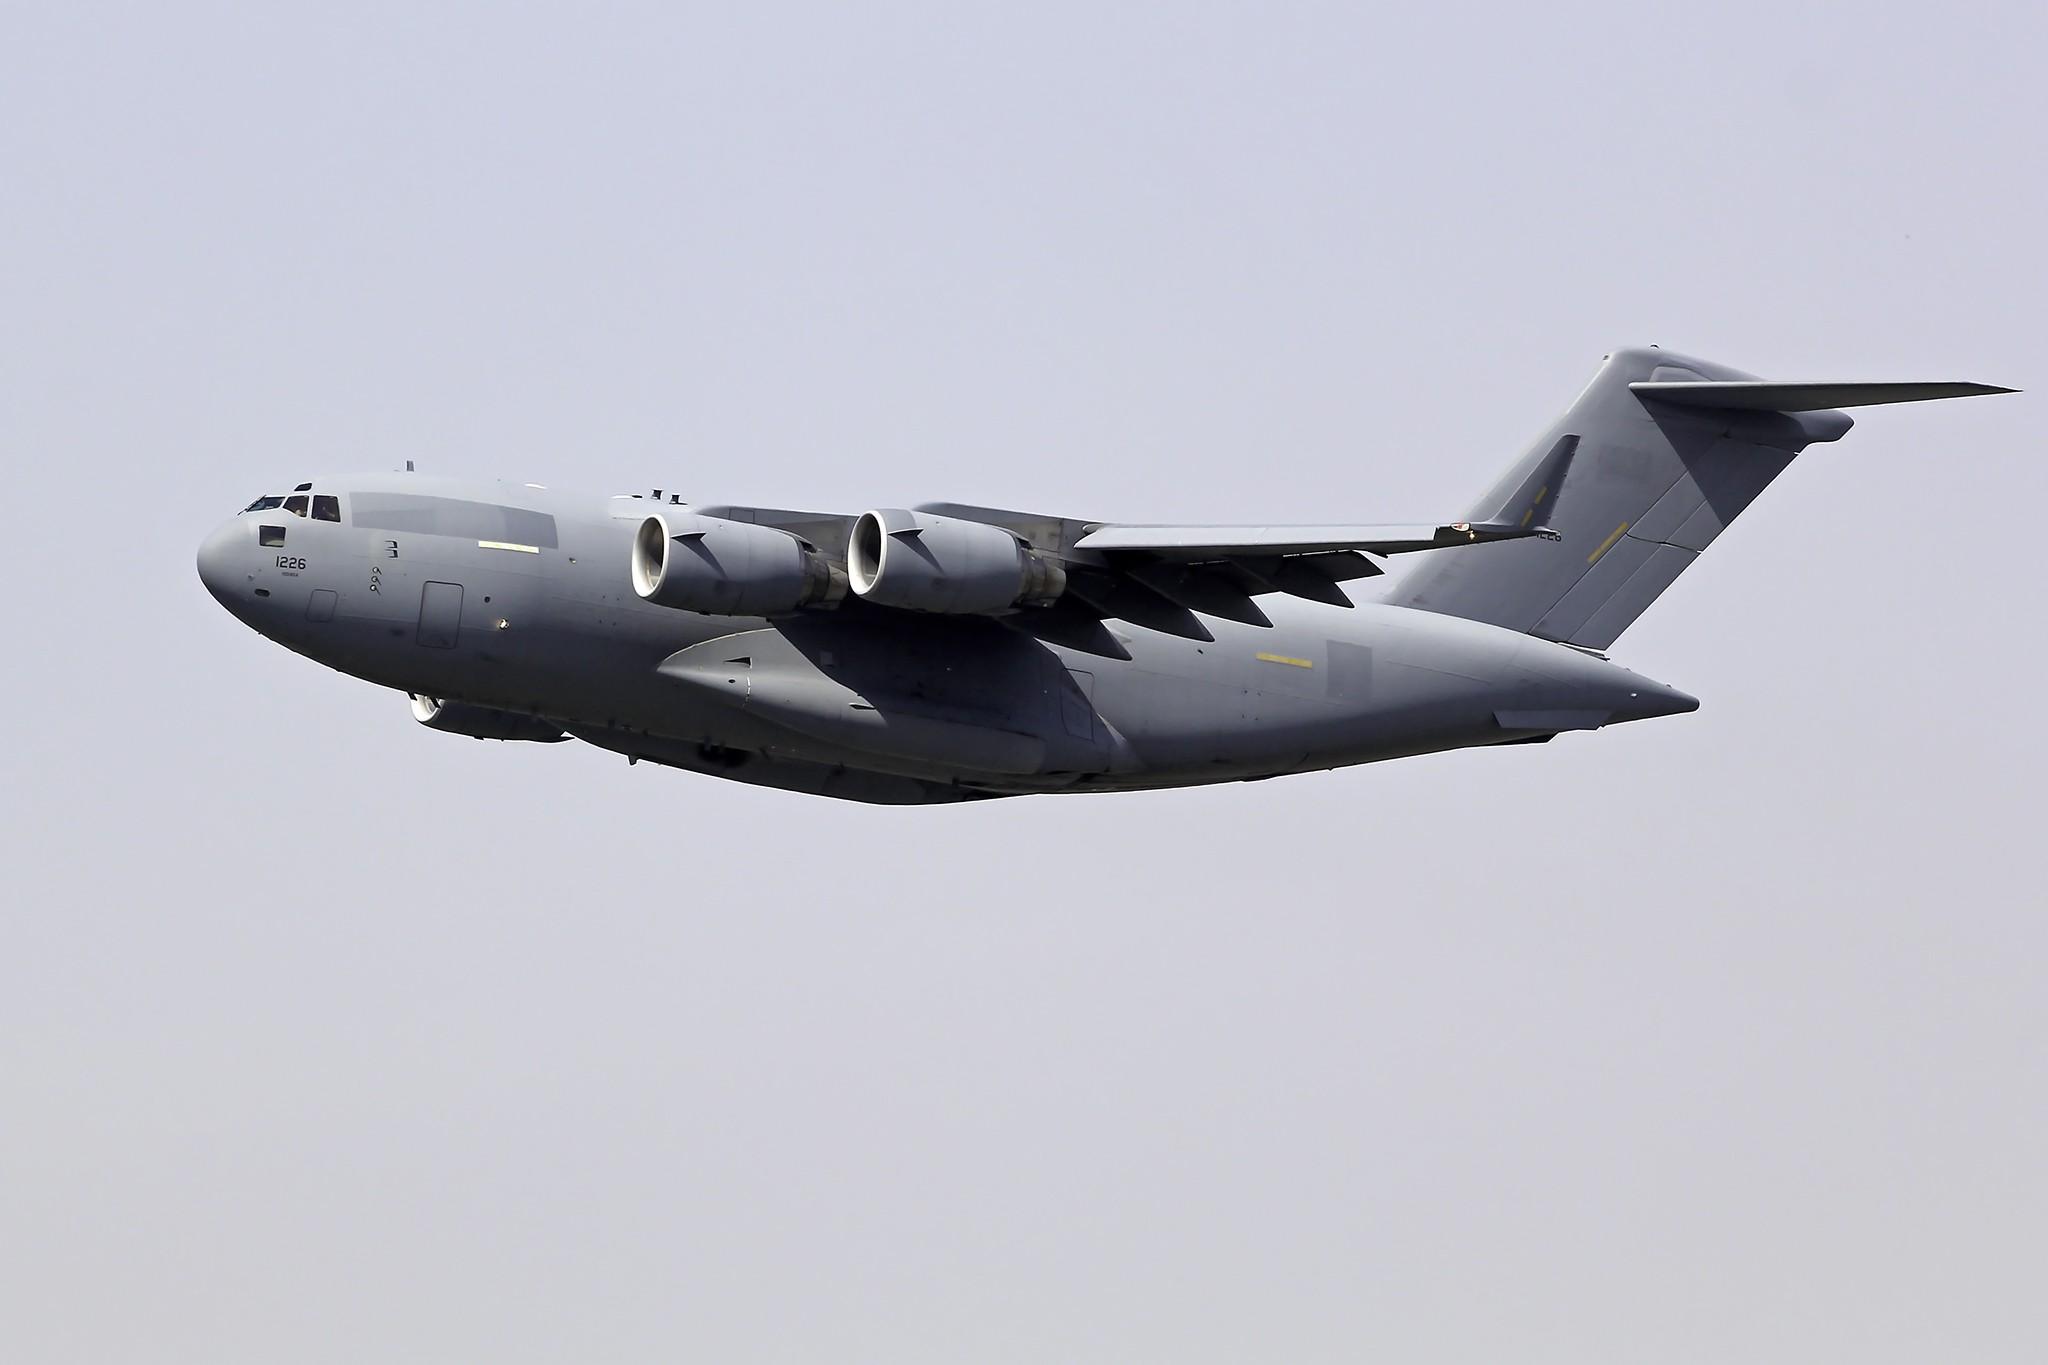 Re:[原创][DLC]全球霸王III-C17….连载……. BOEING C-17A GLOBEMASTER III 1226 中国大连周水子国际机场